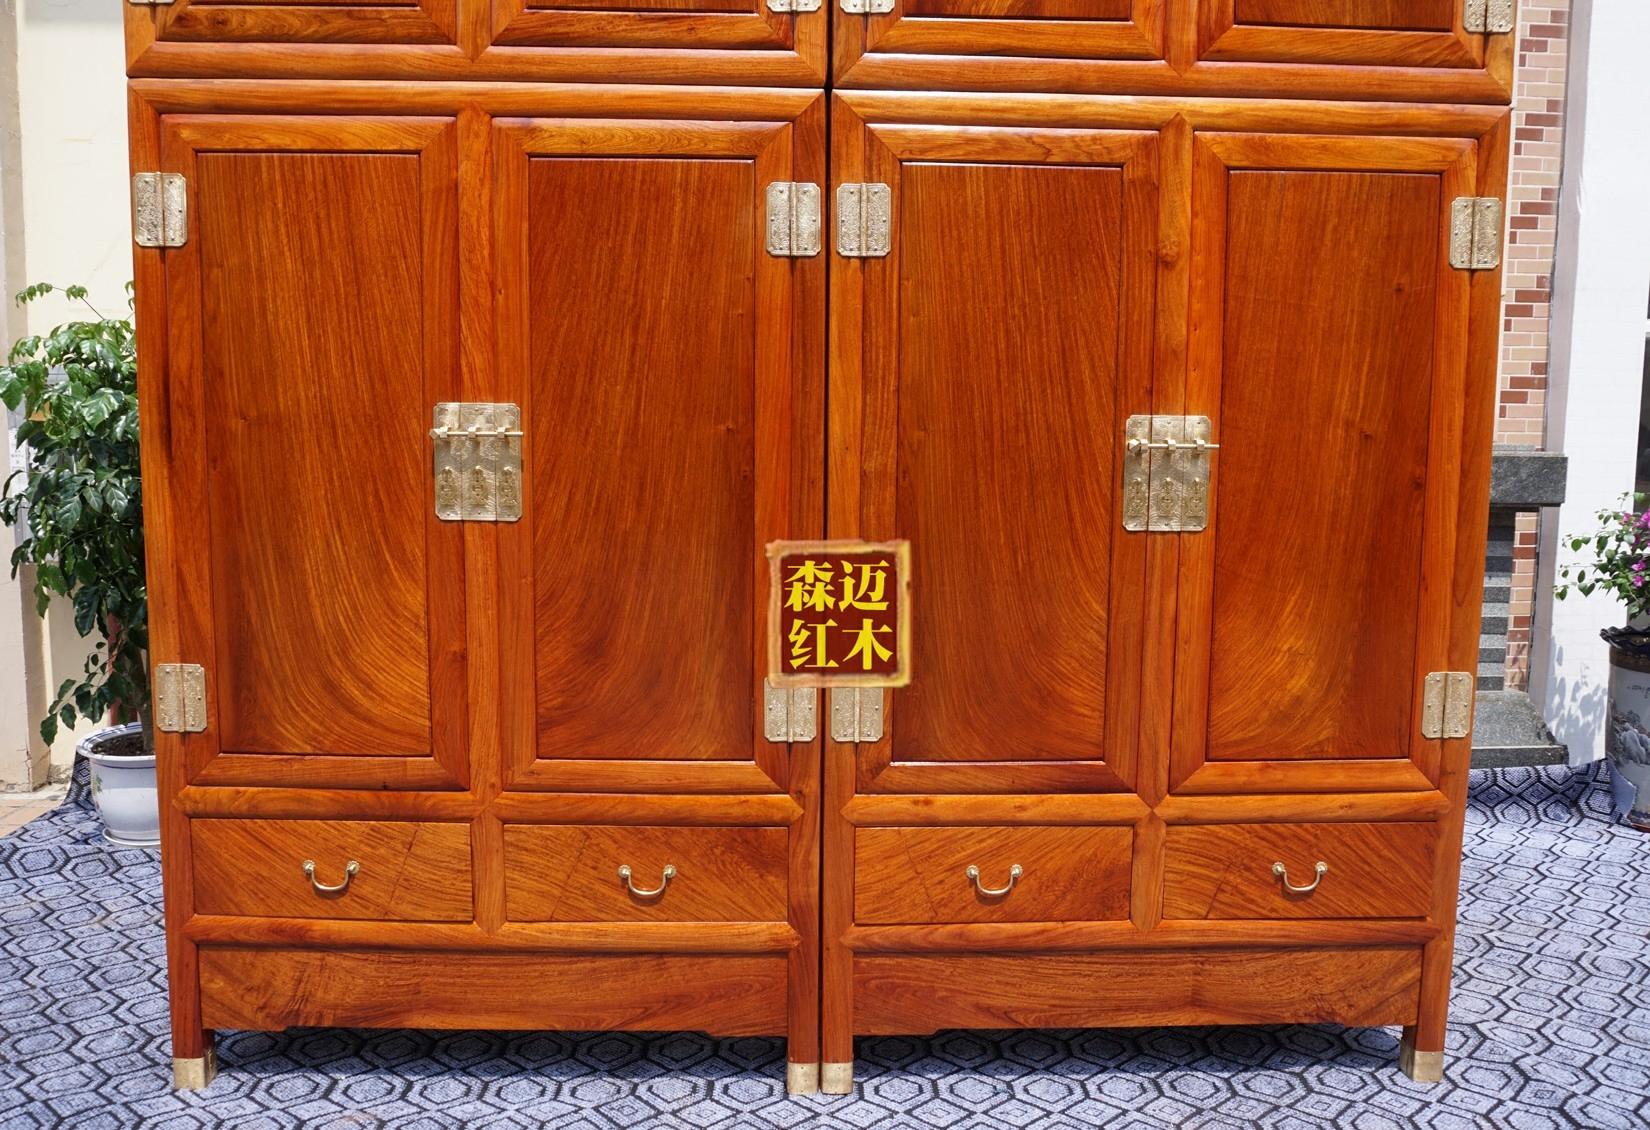 缅甸花梨红木顶箱柜 大果紫檀红木衣柜 加厚实木衣柜 红木顶箱柜